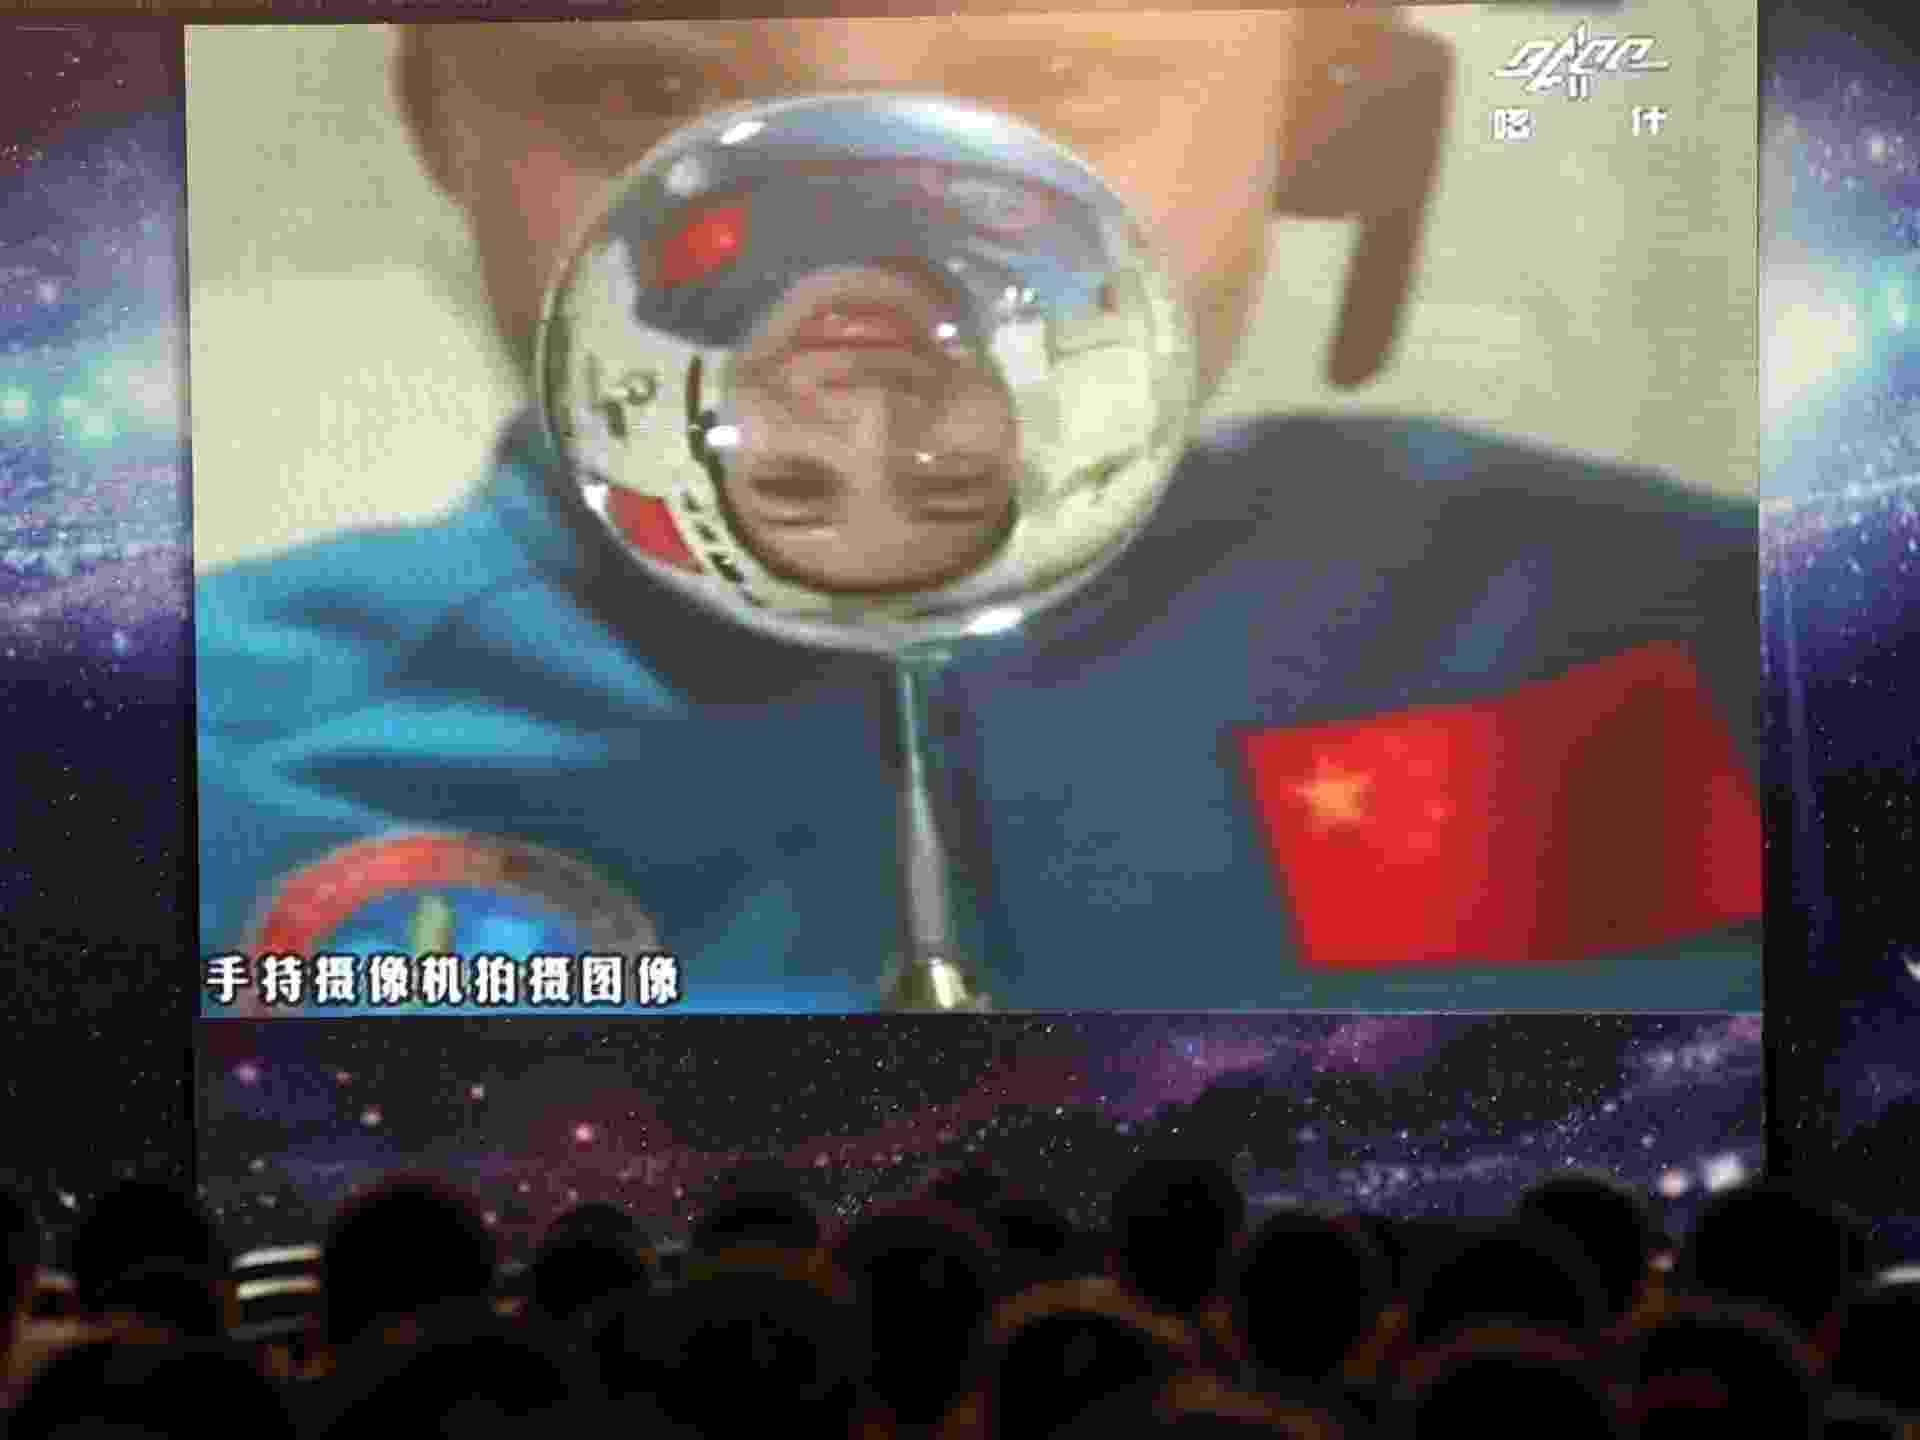 20.jun.2013 - Plateia em escola chinesa assiste ao vivo à aula da astronauta Wang Yaping, 33, ministrada da espação espacial Tiangong, situada 300 km acima da superfície da Terra. A aula foi retransmitida para 60 milhões de crianças do país, e a iniciativa busca popularizar os voos espaciais entre os jovens - AFP